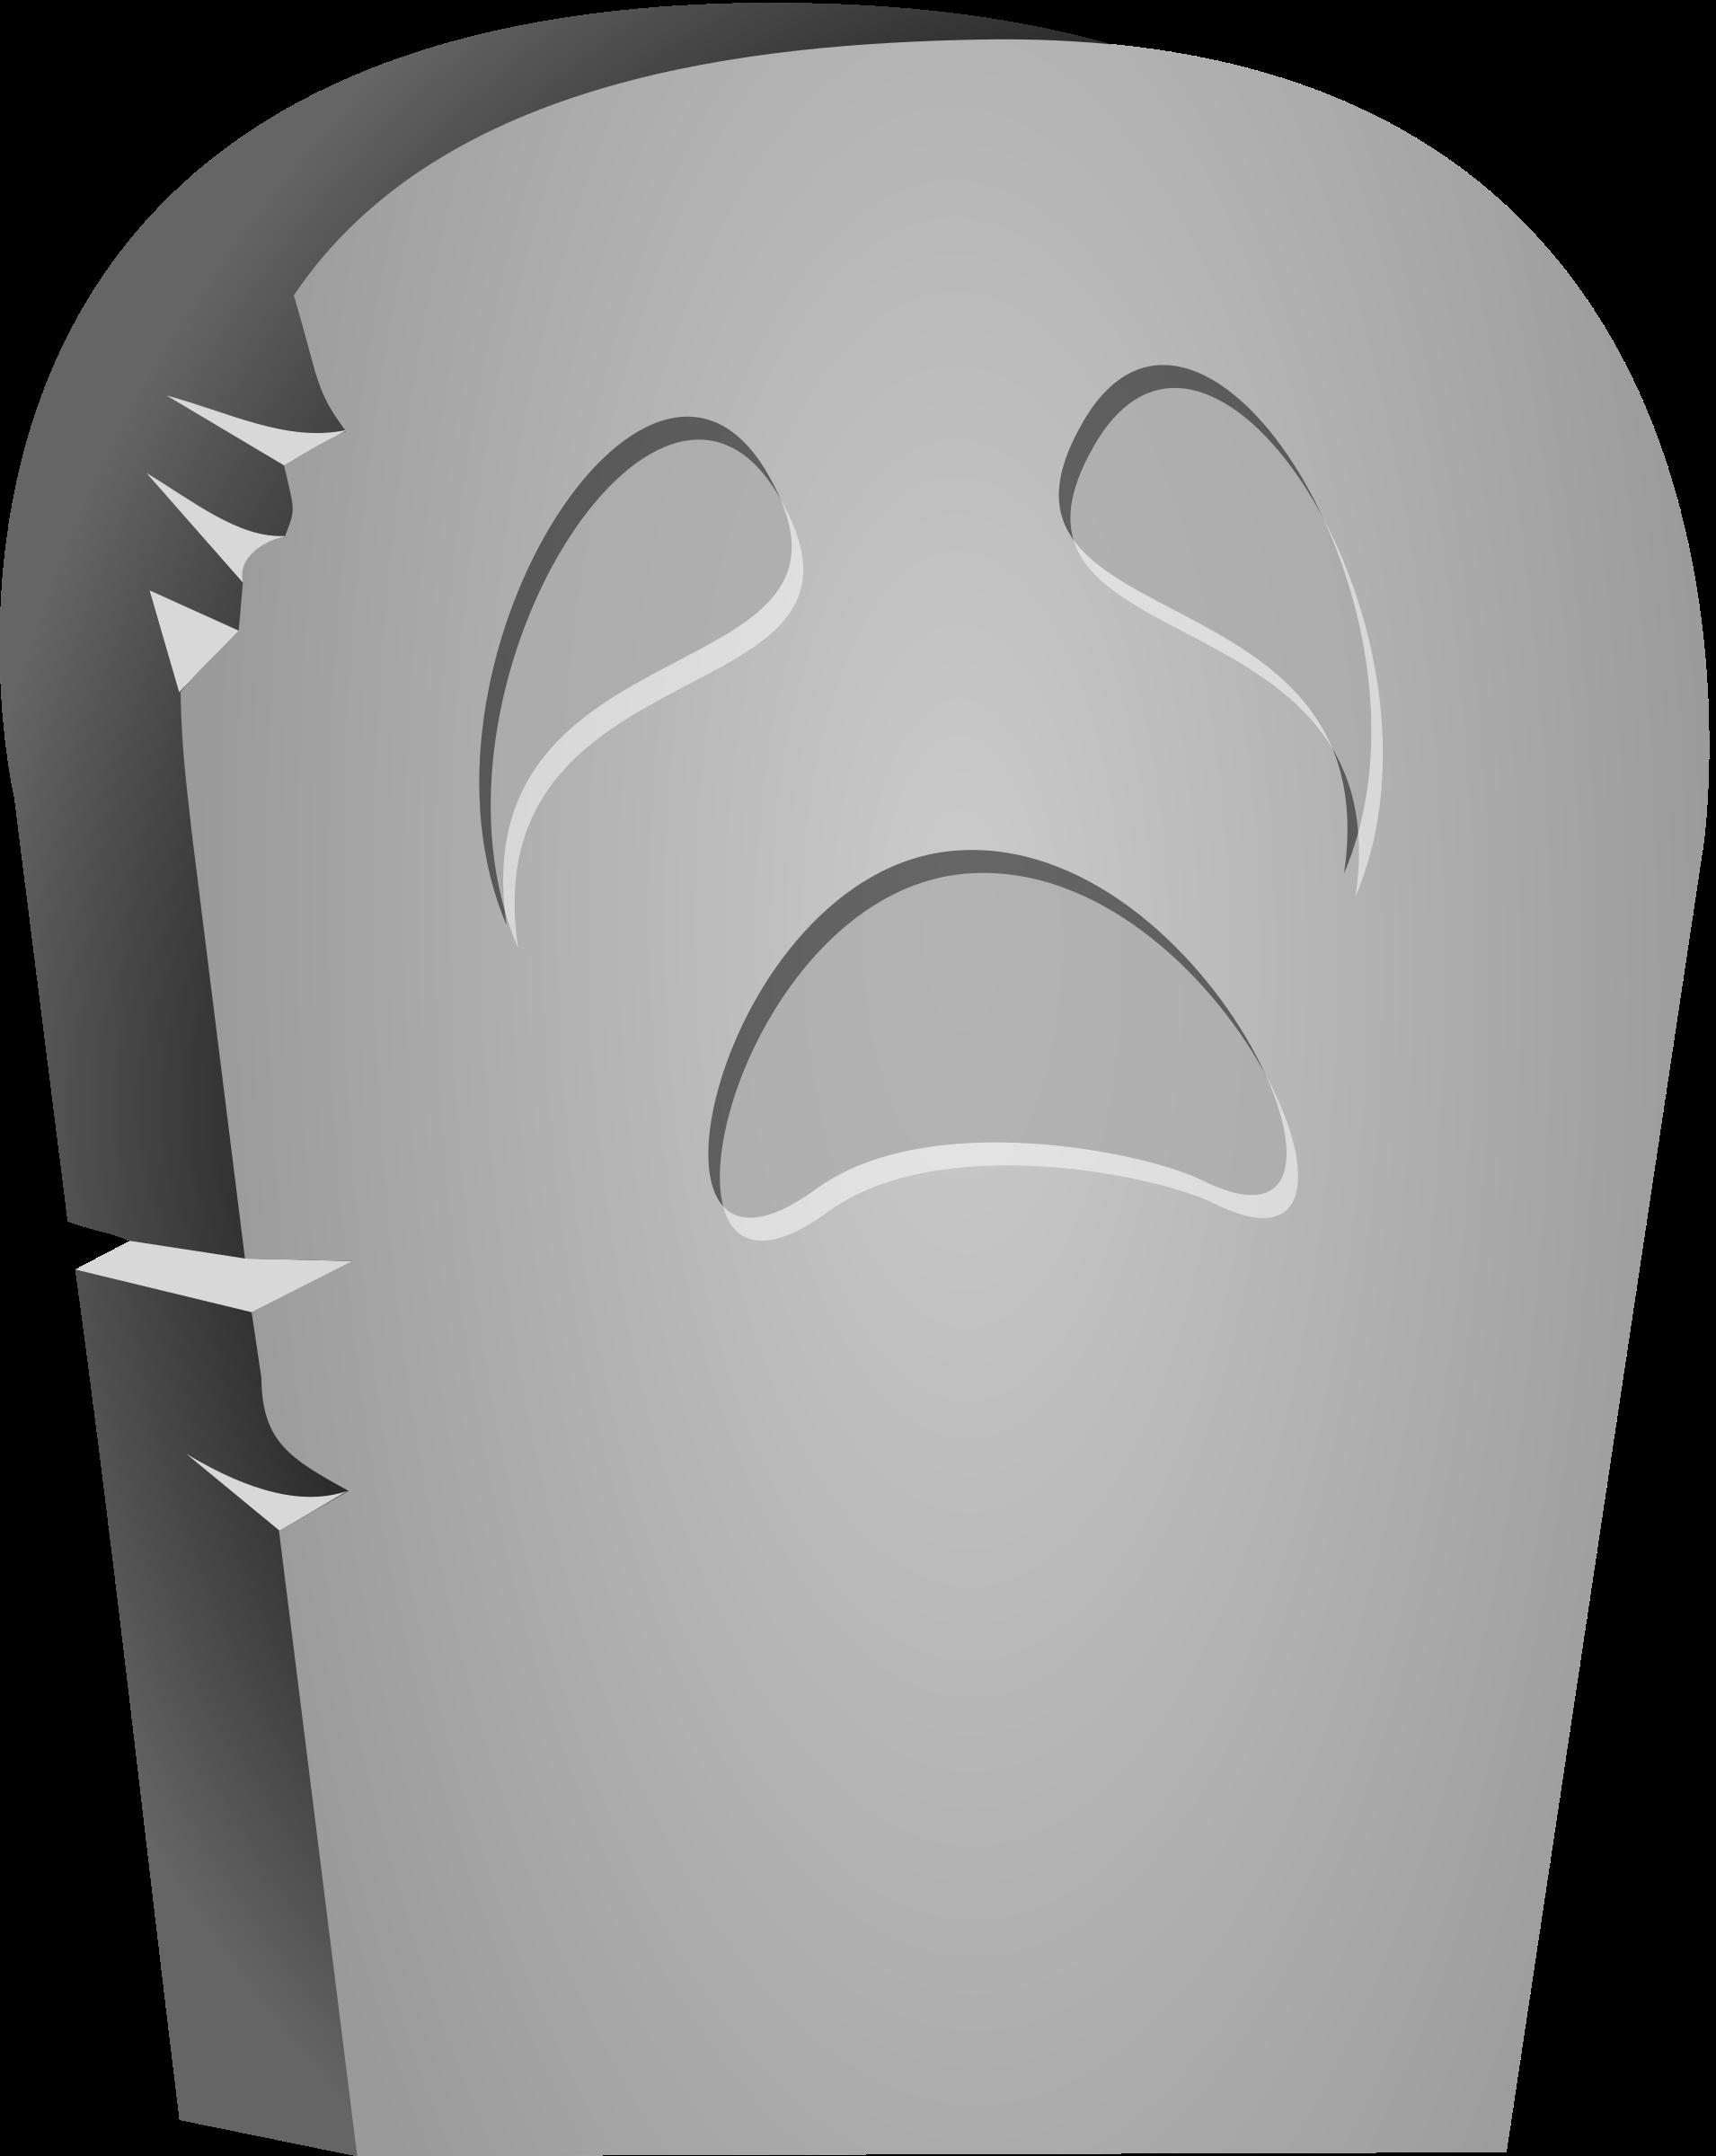 Halloween tombstones sayings clipart clip royalty free stock Clipart - Halloween Tombstone Face clip royalty free stock